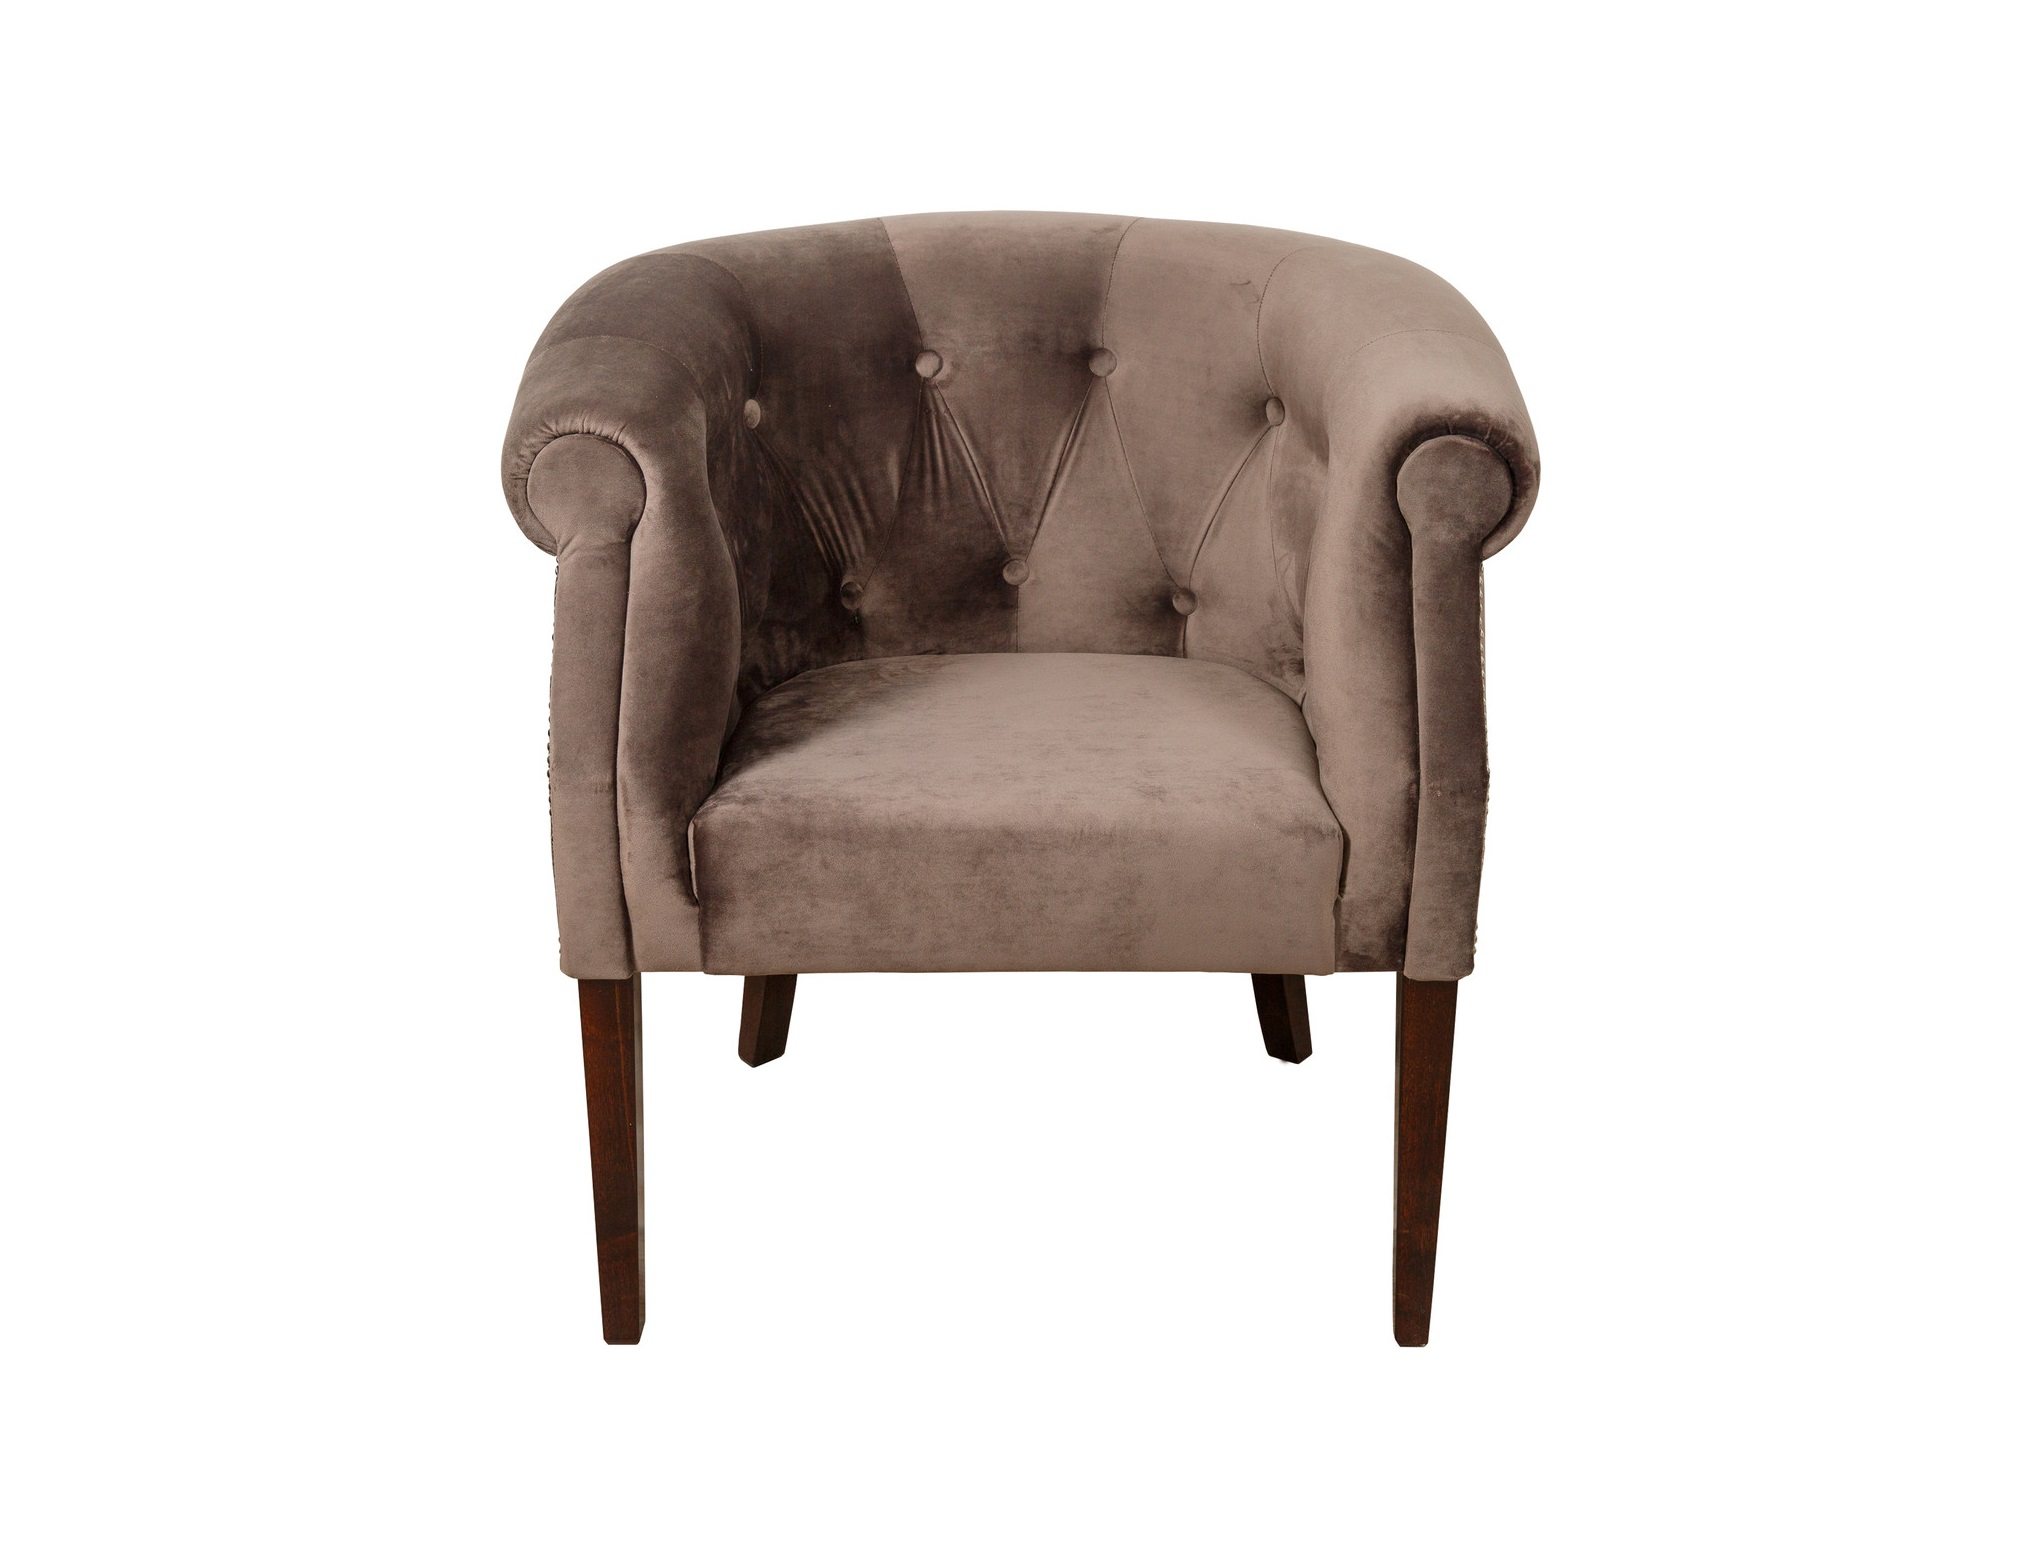 КреслоИнтерьерные кресла<br>Каркасное  кресло оригинального дизайна станет не только выделяющимся, но и комфортным акцентом в вашем интерьере. Кресло станет незаменимым предметом декора или функциональной мебелью . А эксклюзивные ткани добавят изюминку в ваше пространство.